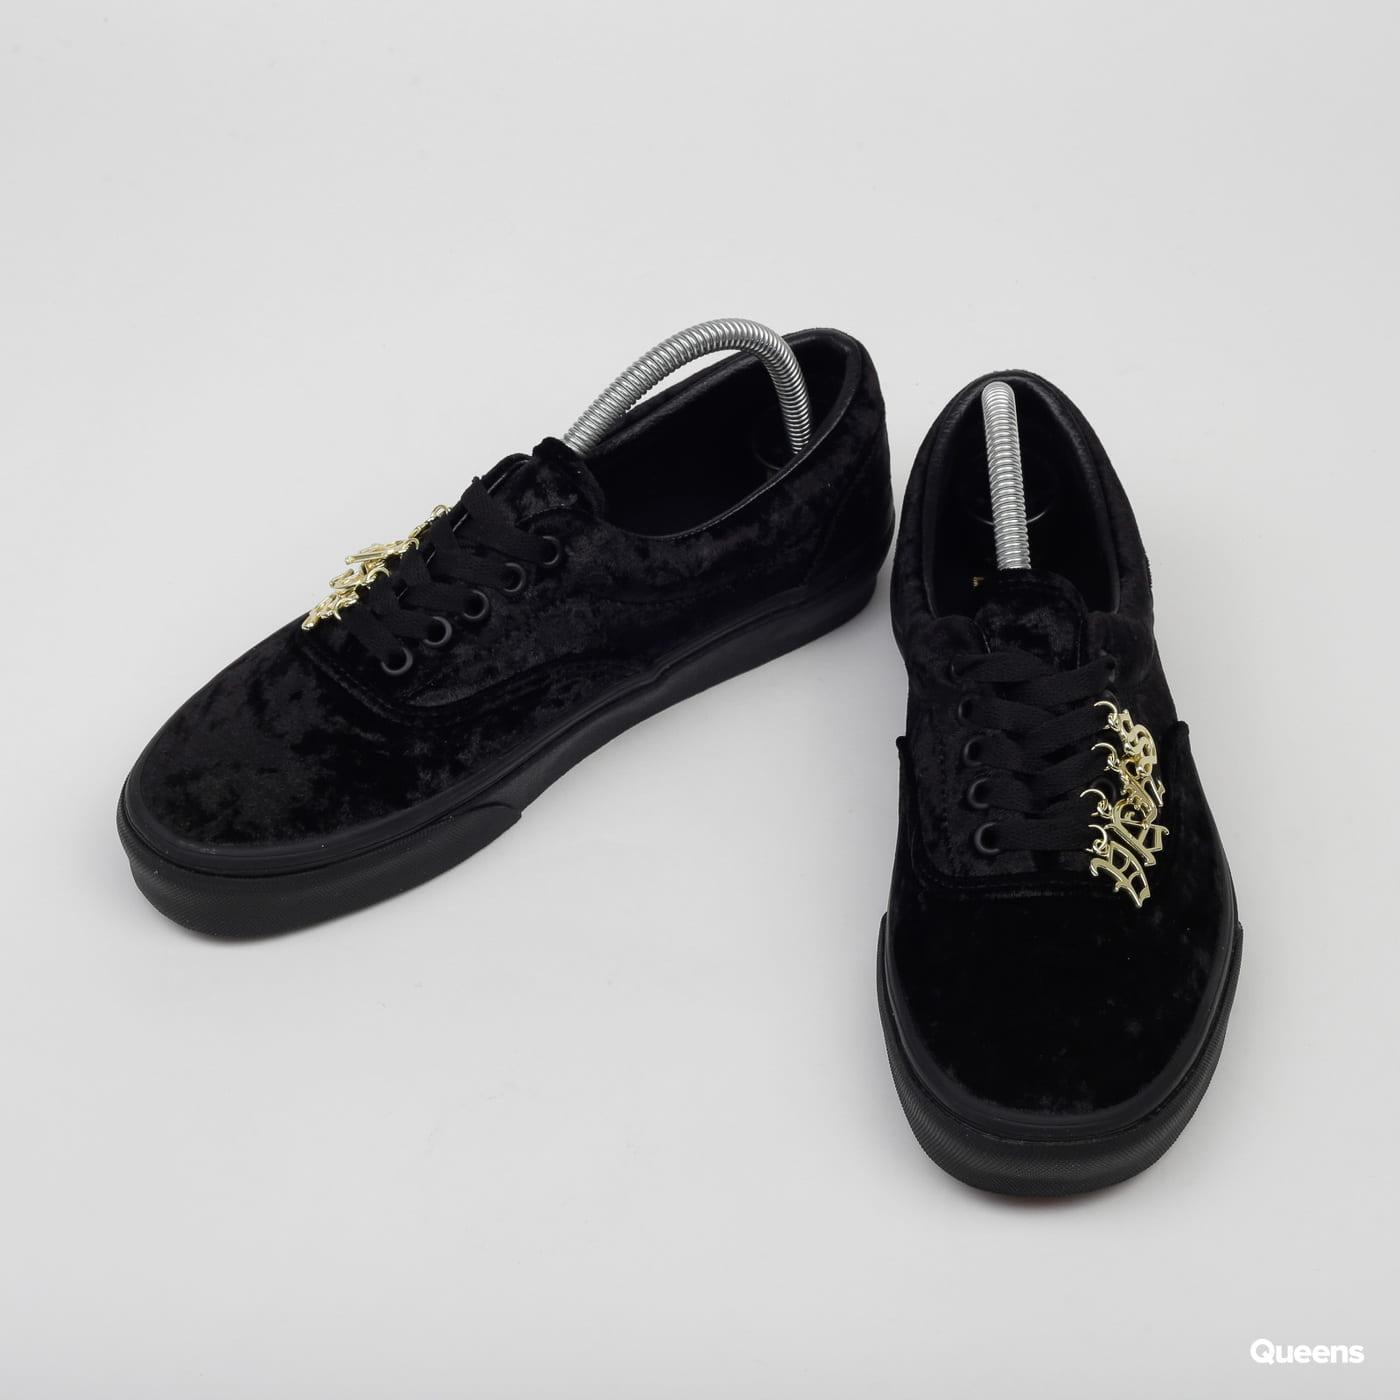 Vans Era (vans id) black